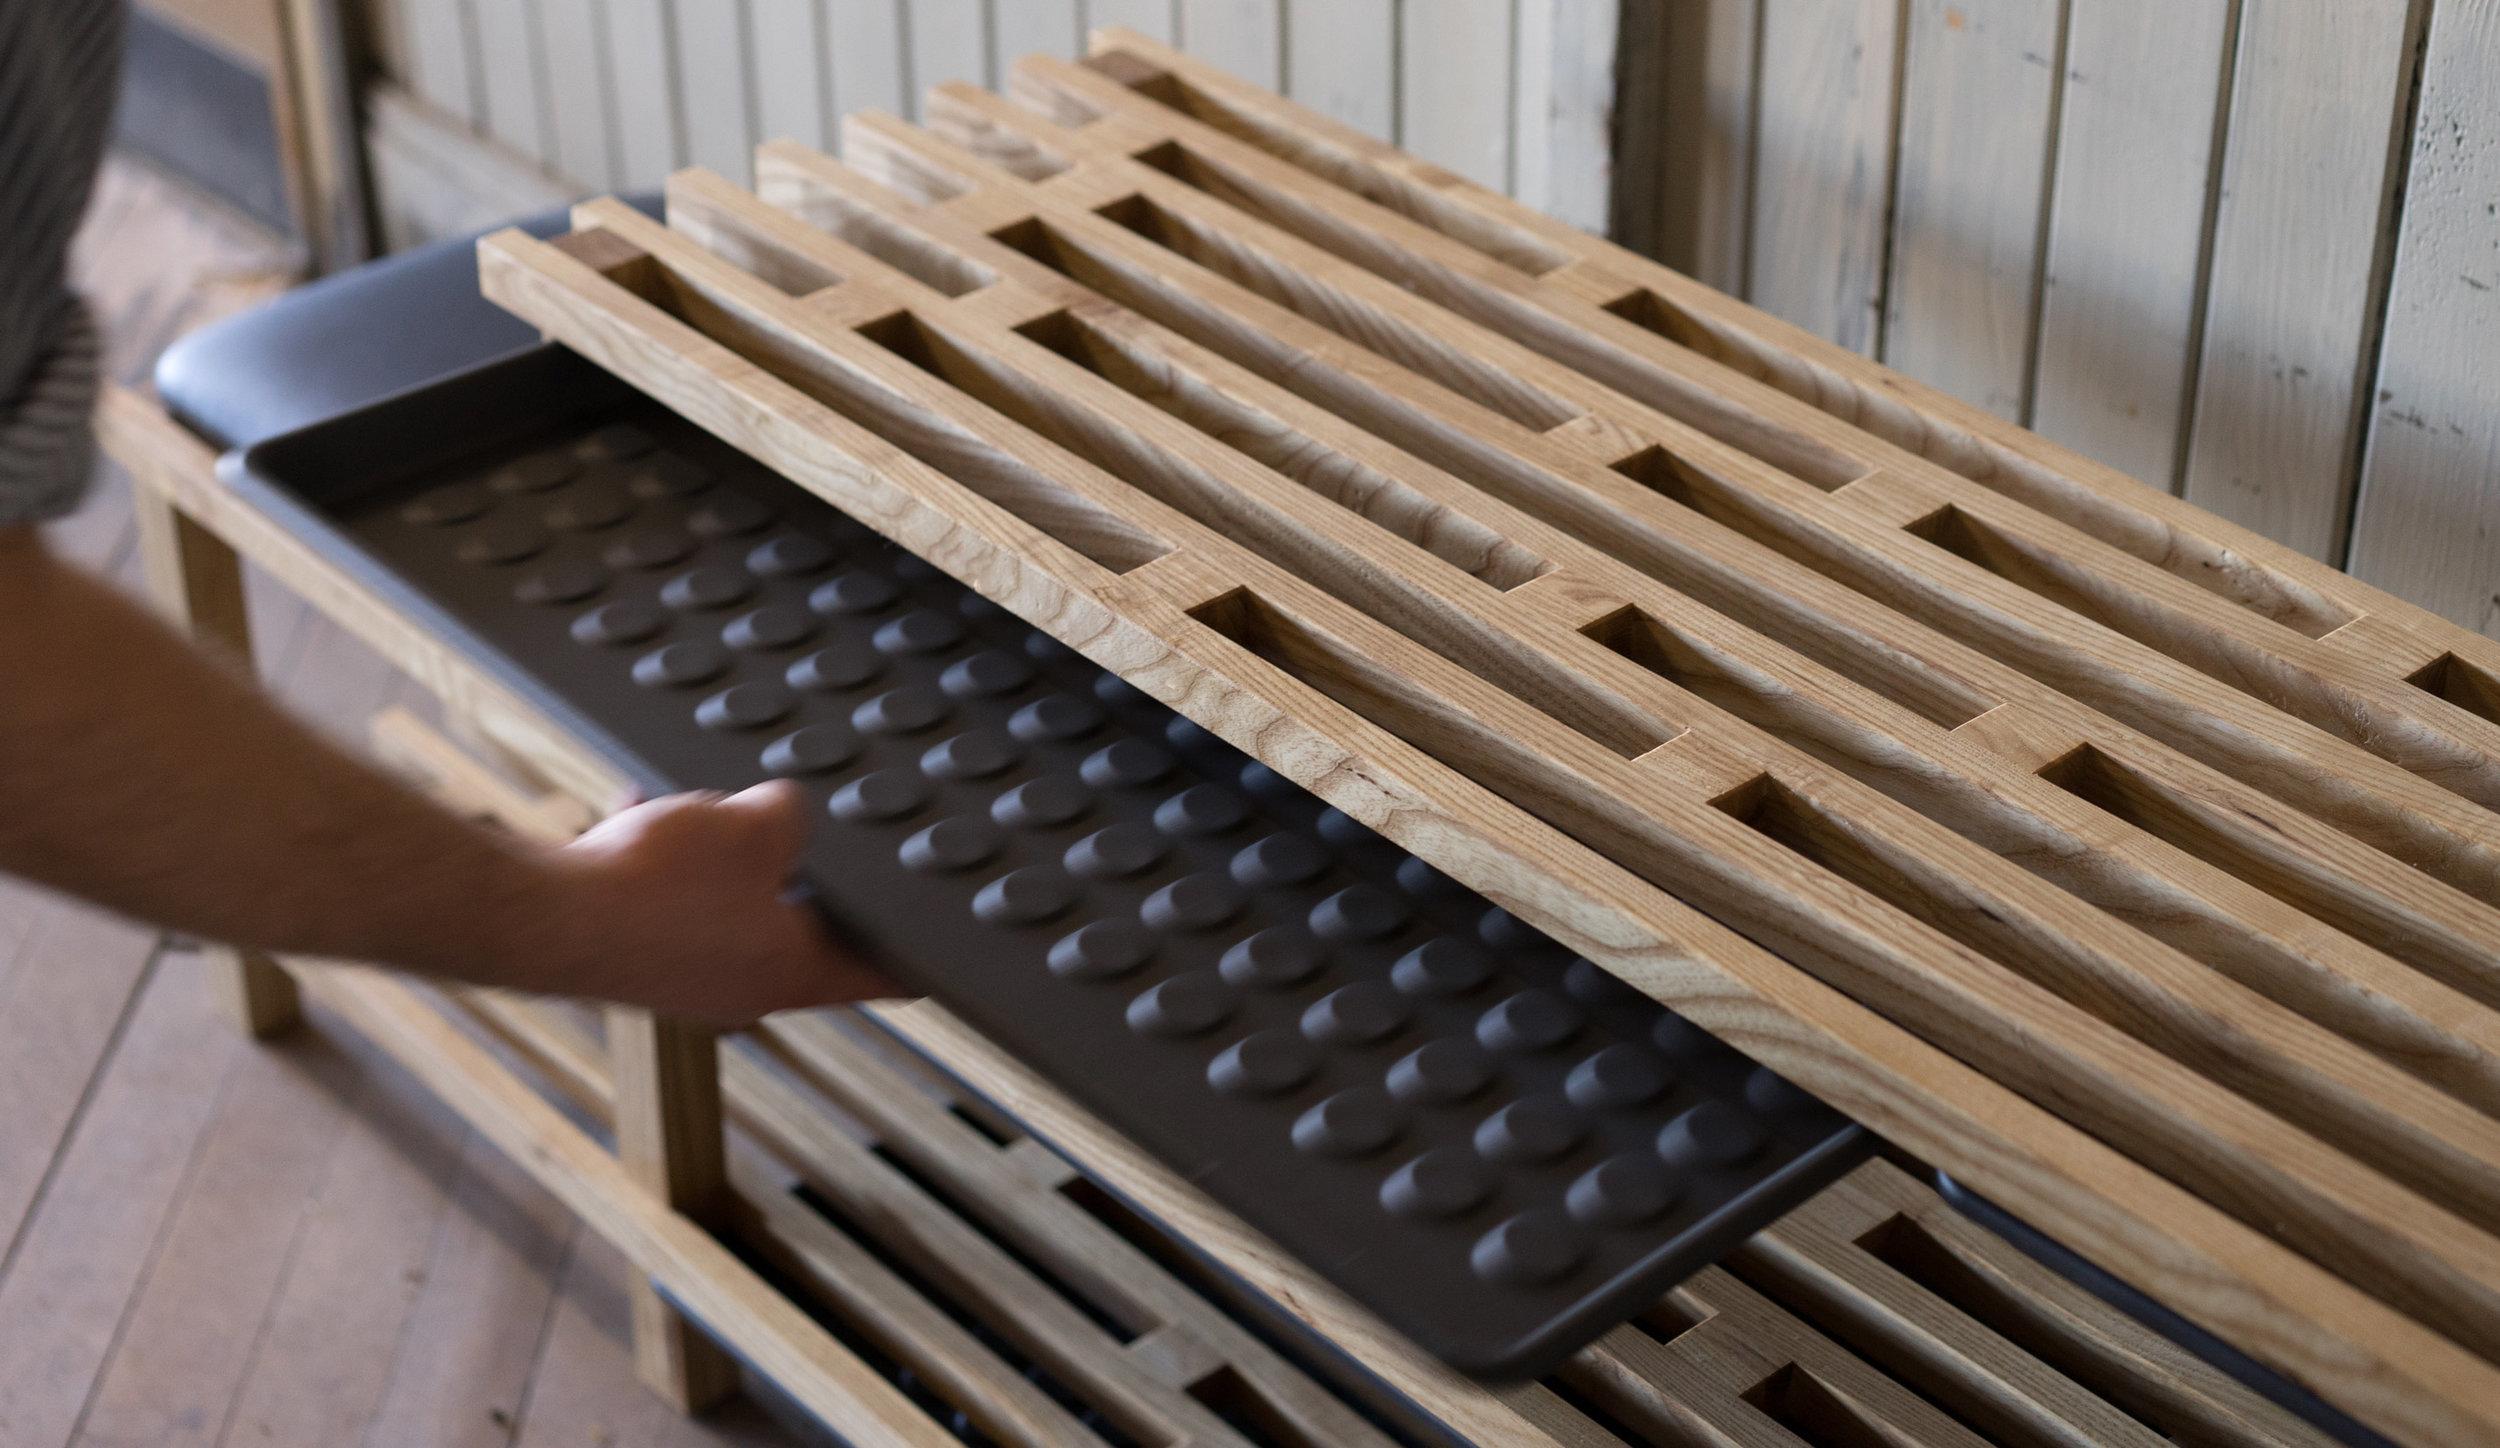 Shoe-Rack-Shelf-Trays.jpg